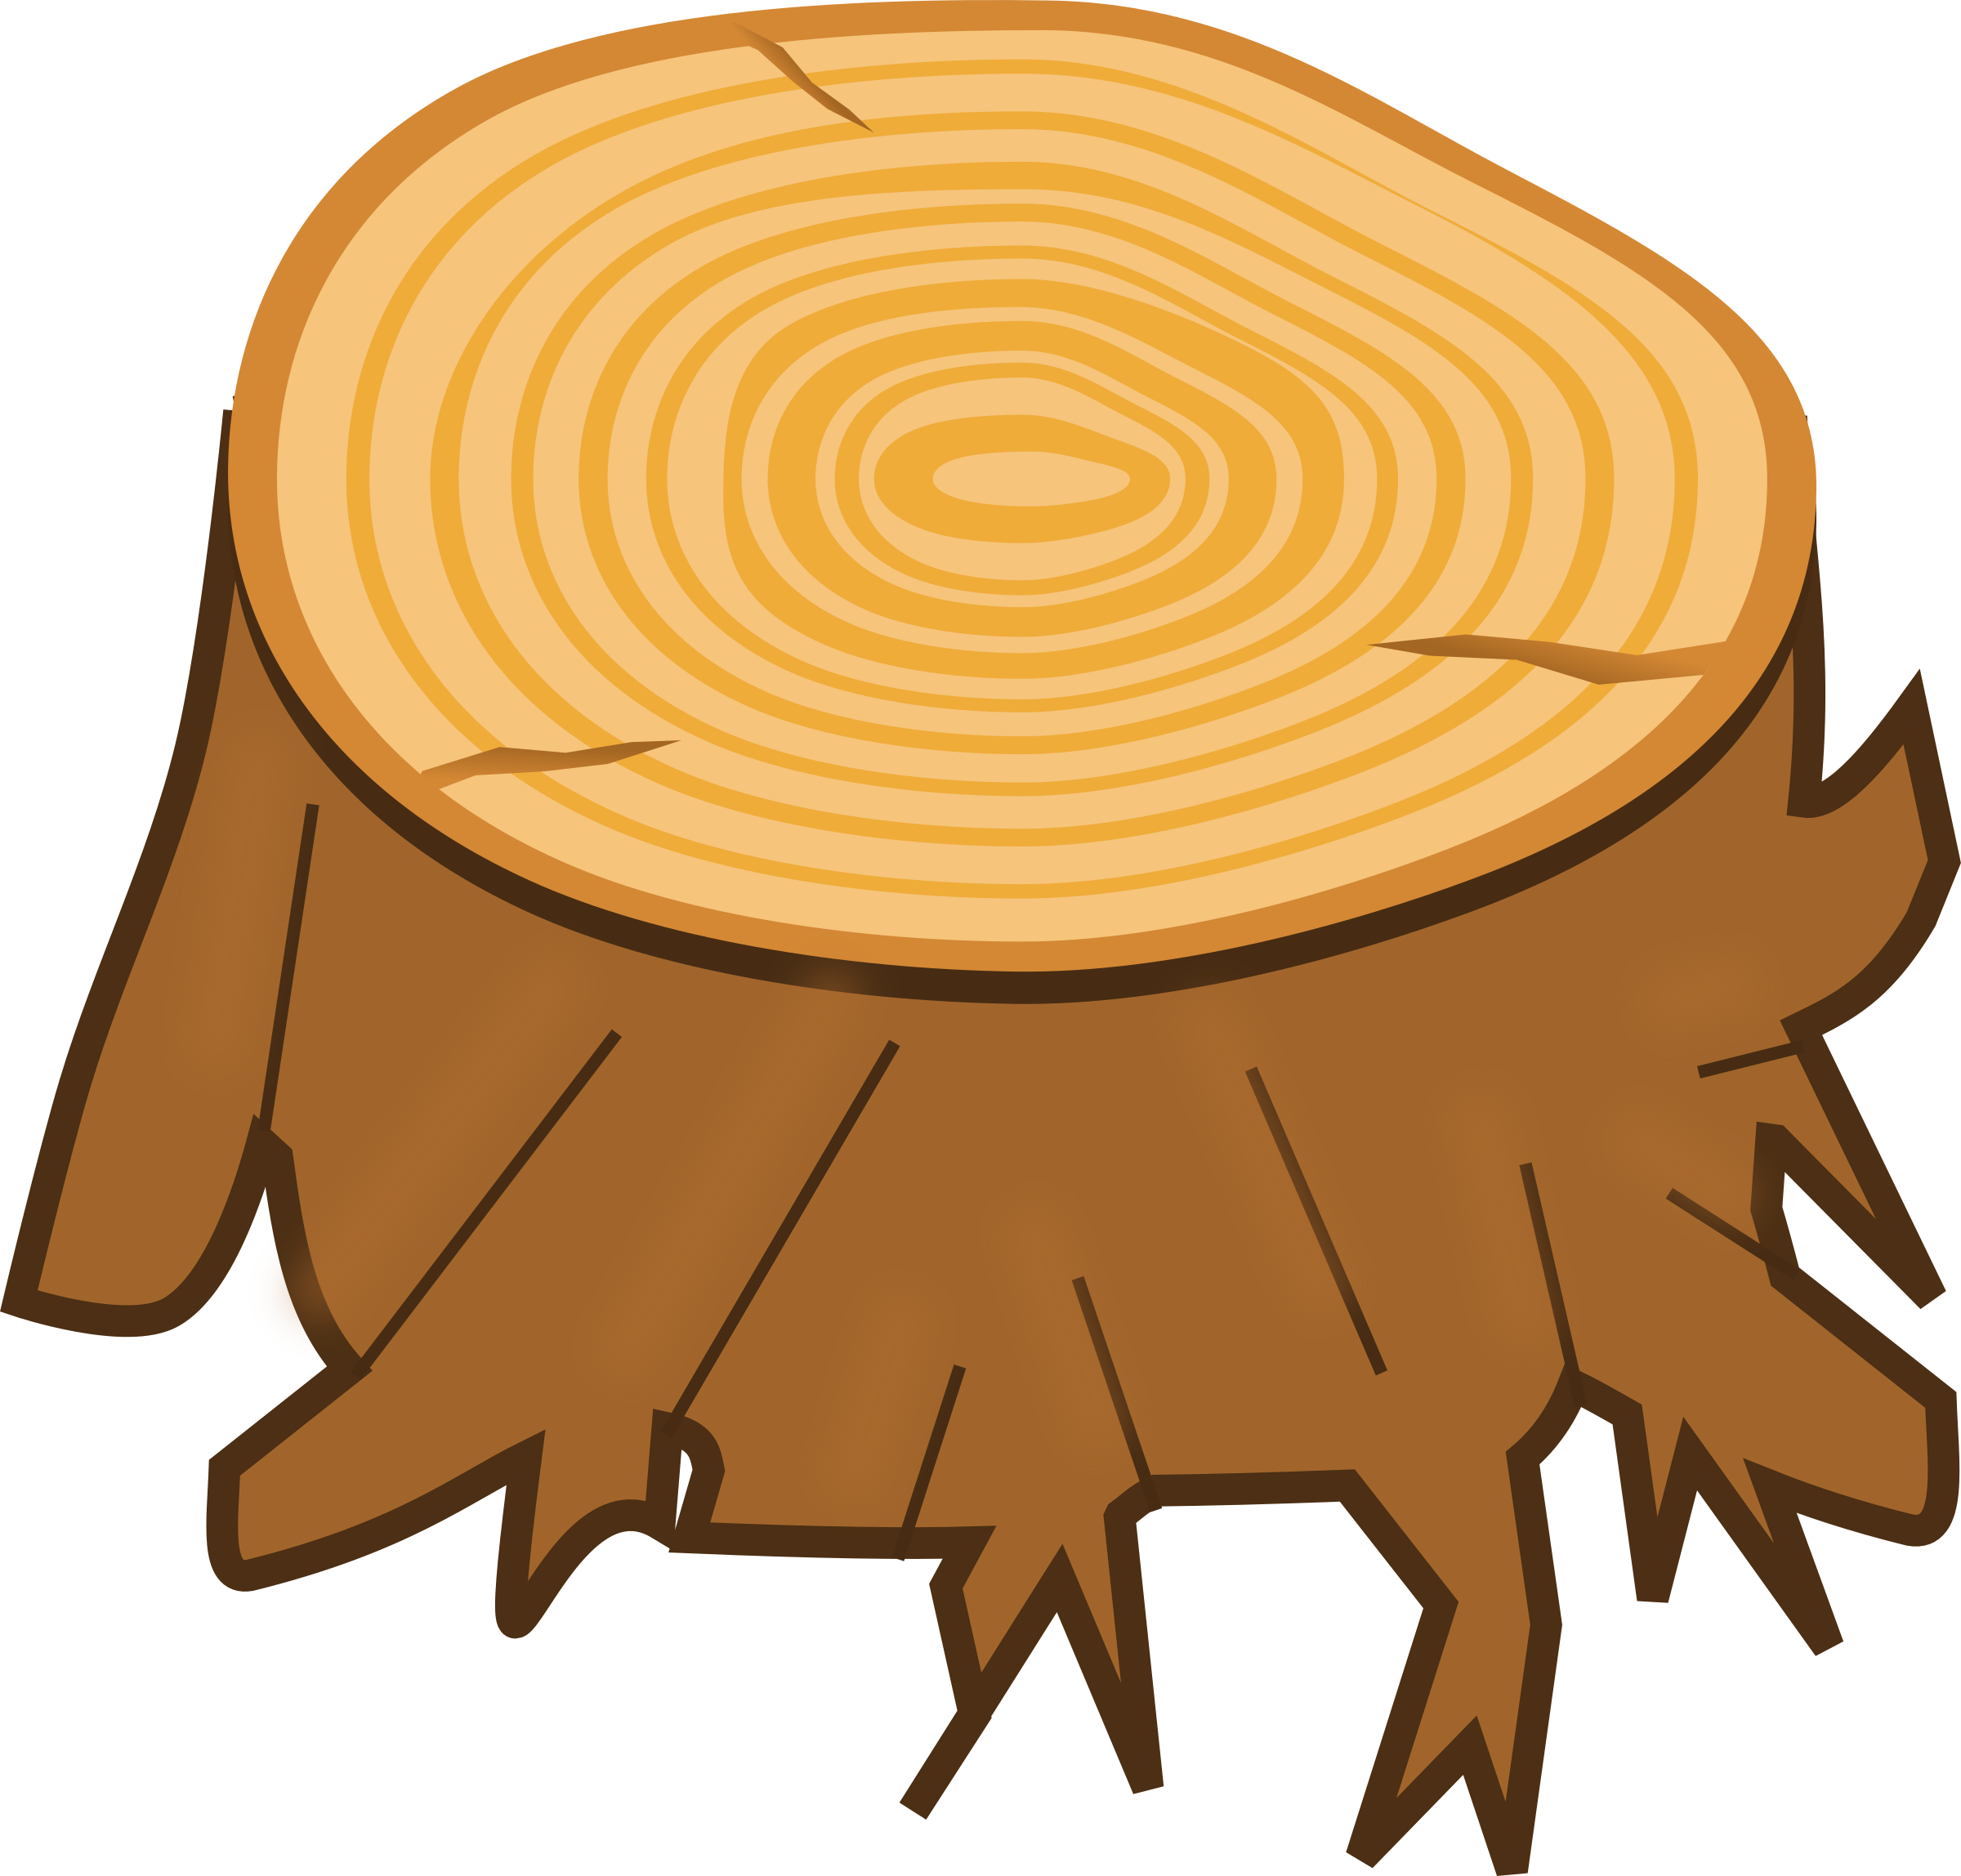 Tree trunk clip art. Driver clipart aggressive driving